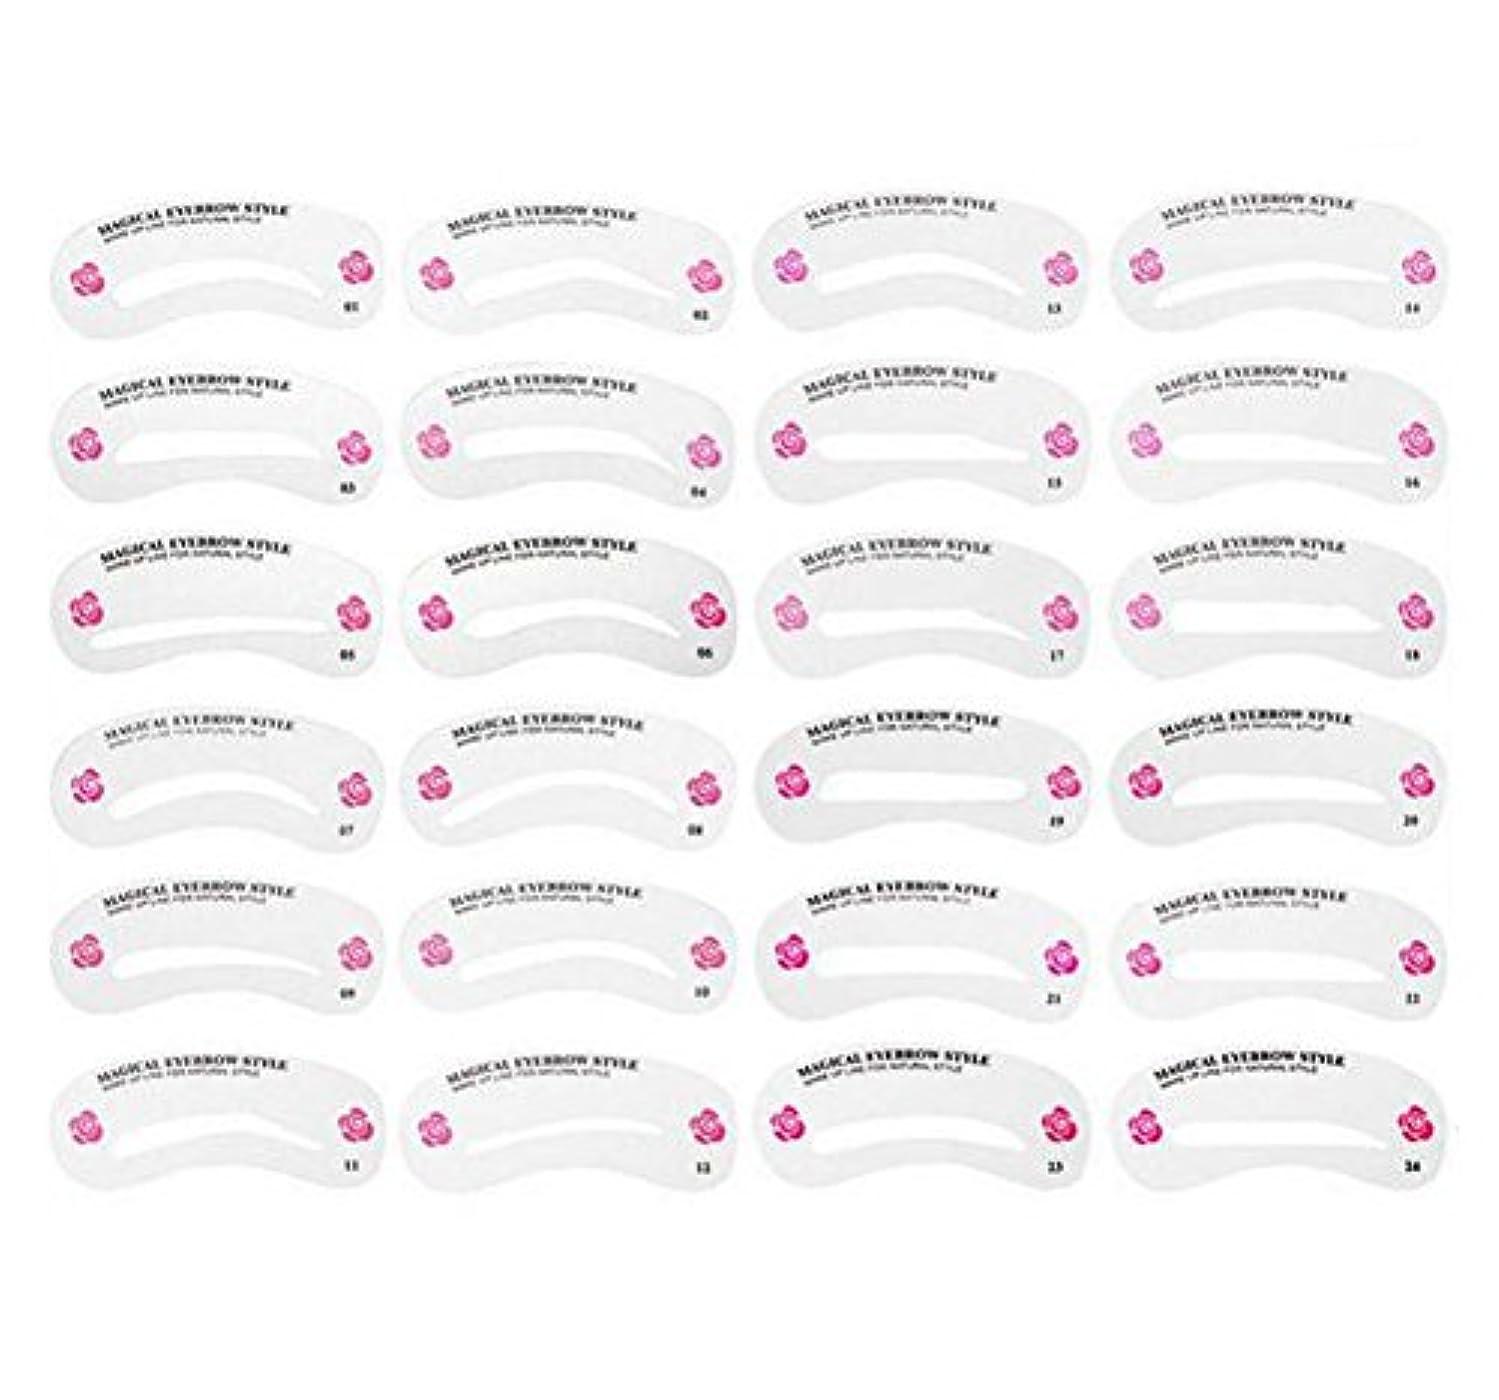 空パネル力24PCS 眉毛ステンシル眉毛グルーミングステンシルカードキットソフトマジック簡単メイクシェーピングテンプレートDIY美容女性女の子のためのツールとレディース-24スタイル